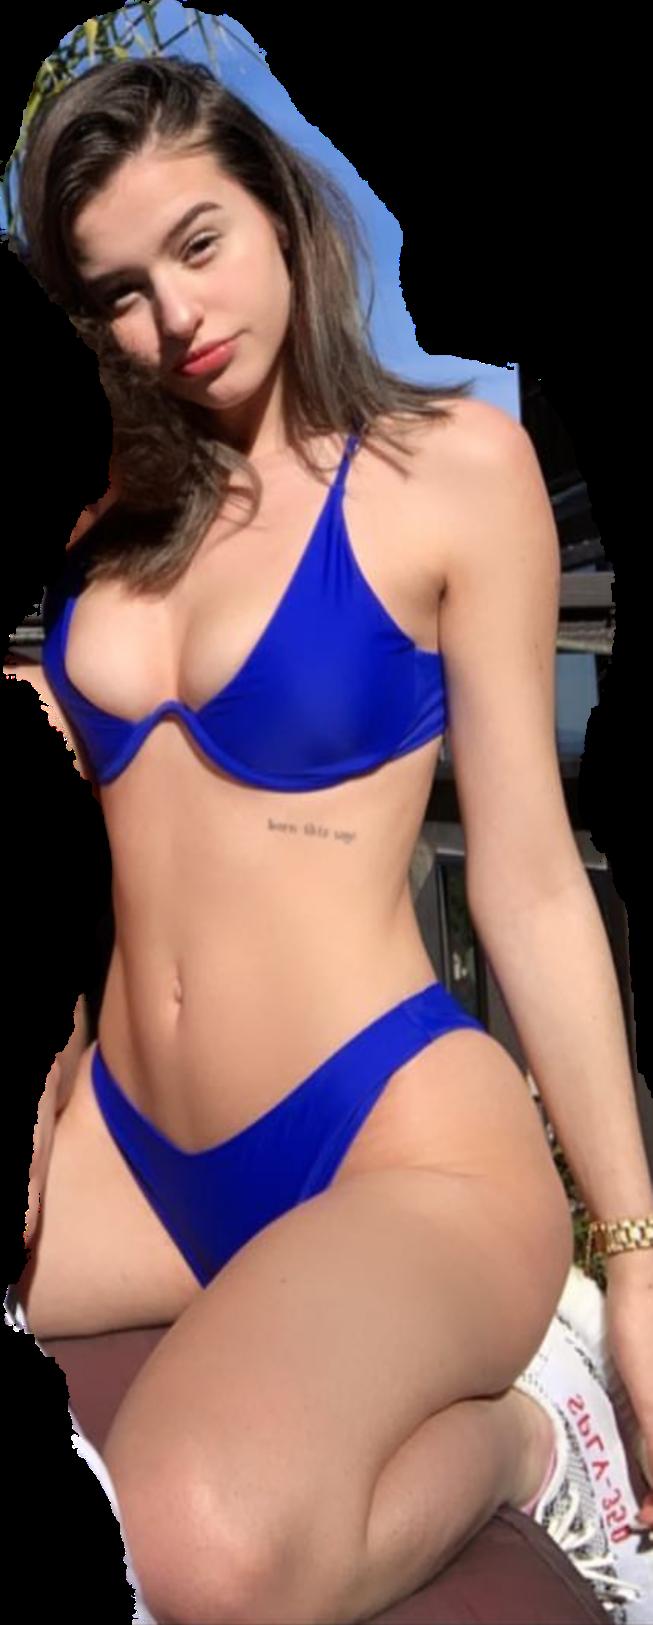 Lea Elui Nude Photos and Video Leaked! | ProThots.com